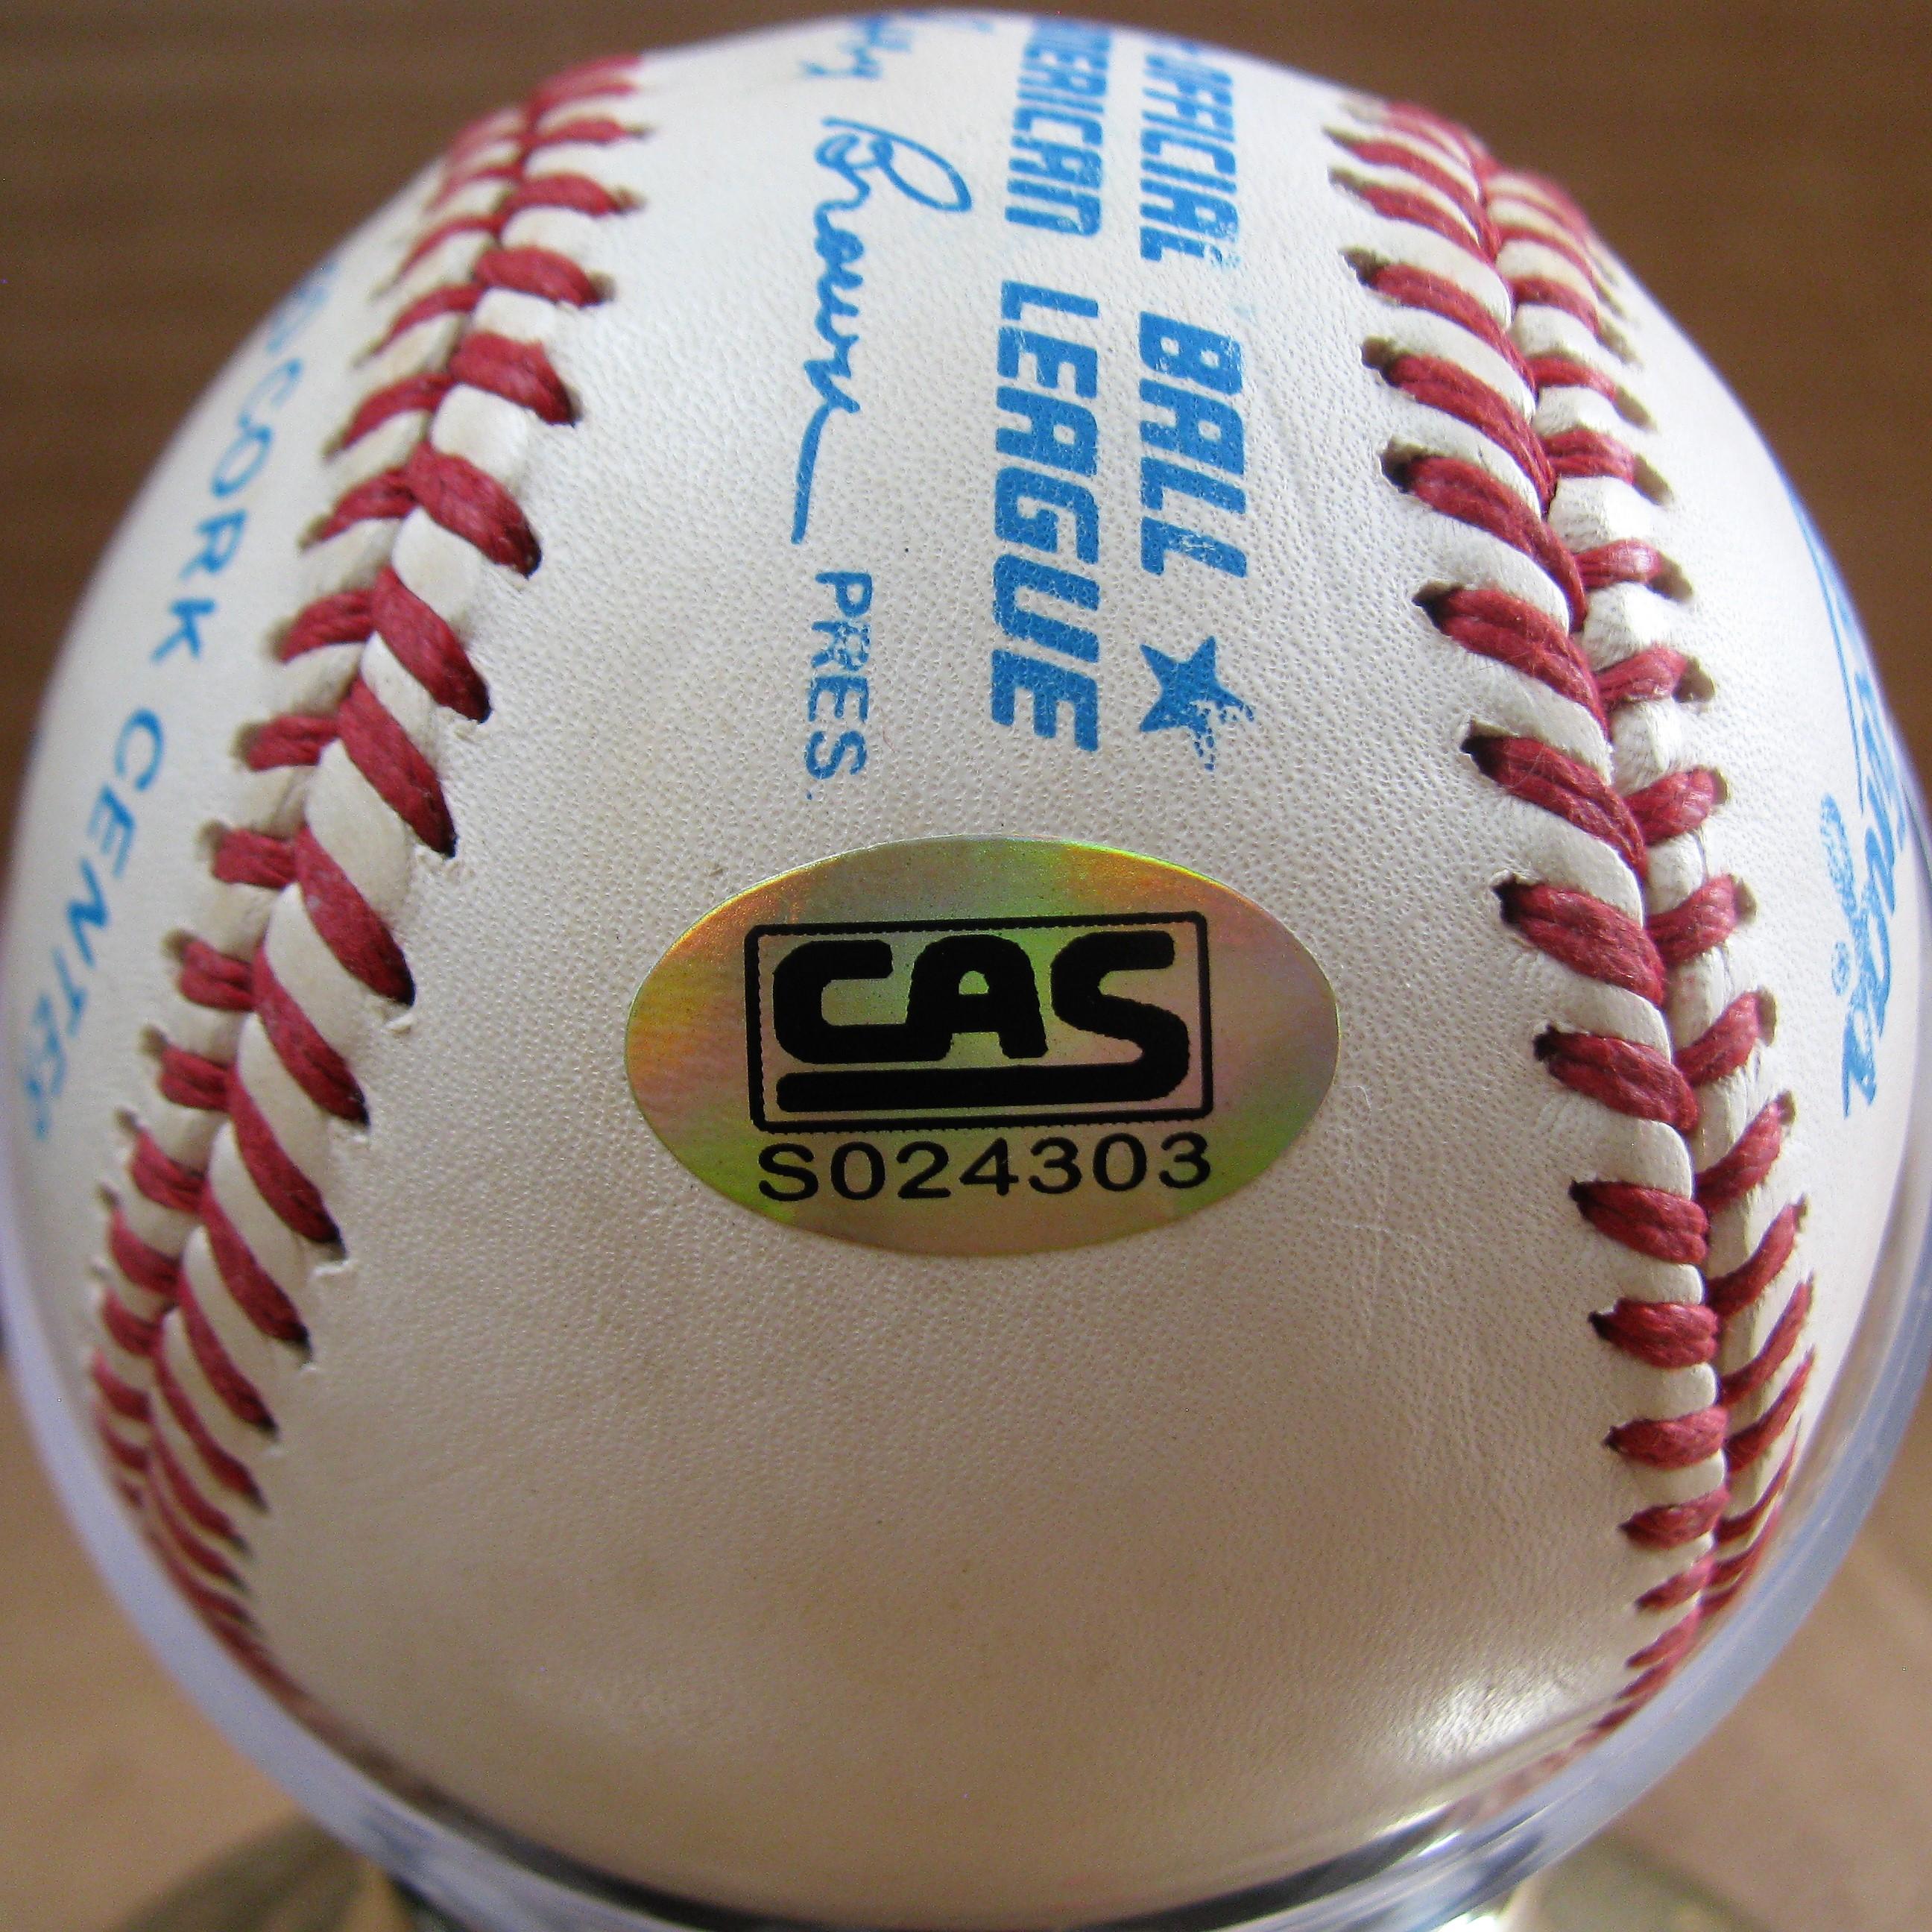 f37df5198d SIGNED BASEBALL w/CAS COA · KEN GRIFFEY JR. SIGNED BASEBALL w/CAS COA